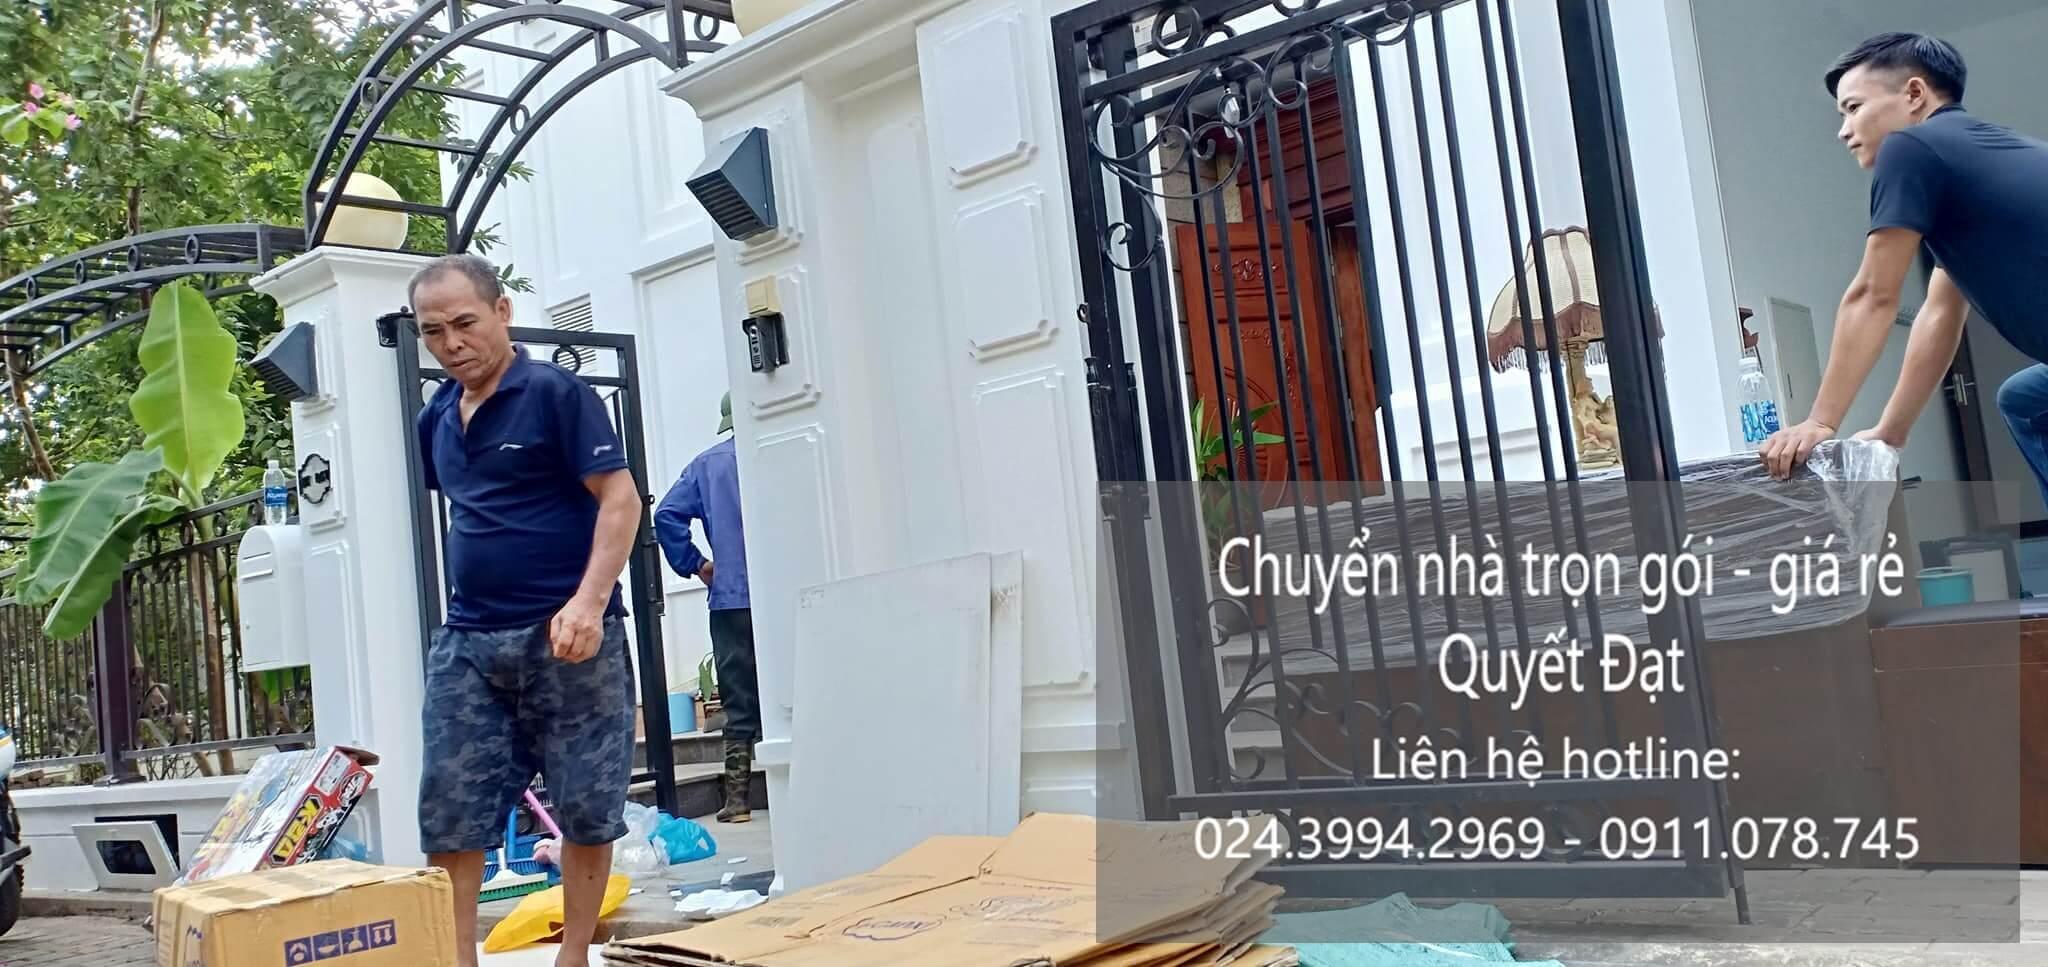 Dịch vụ chuyển nhà trọn gói tại phường Việt Hưng